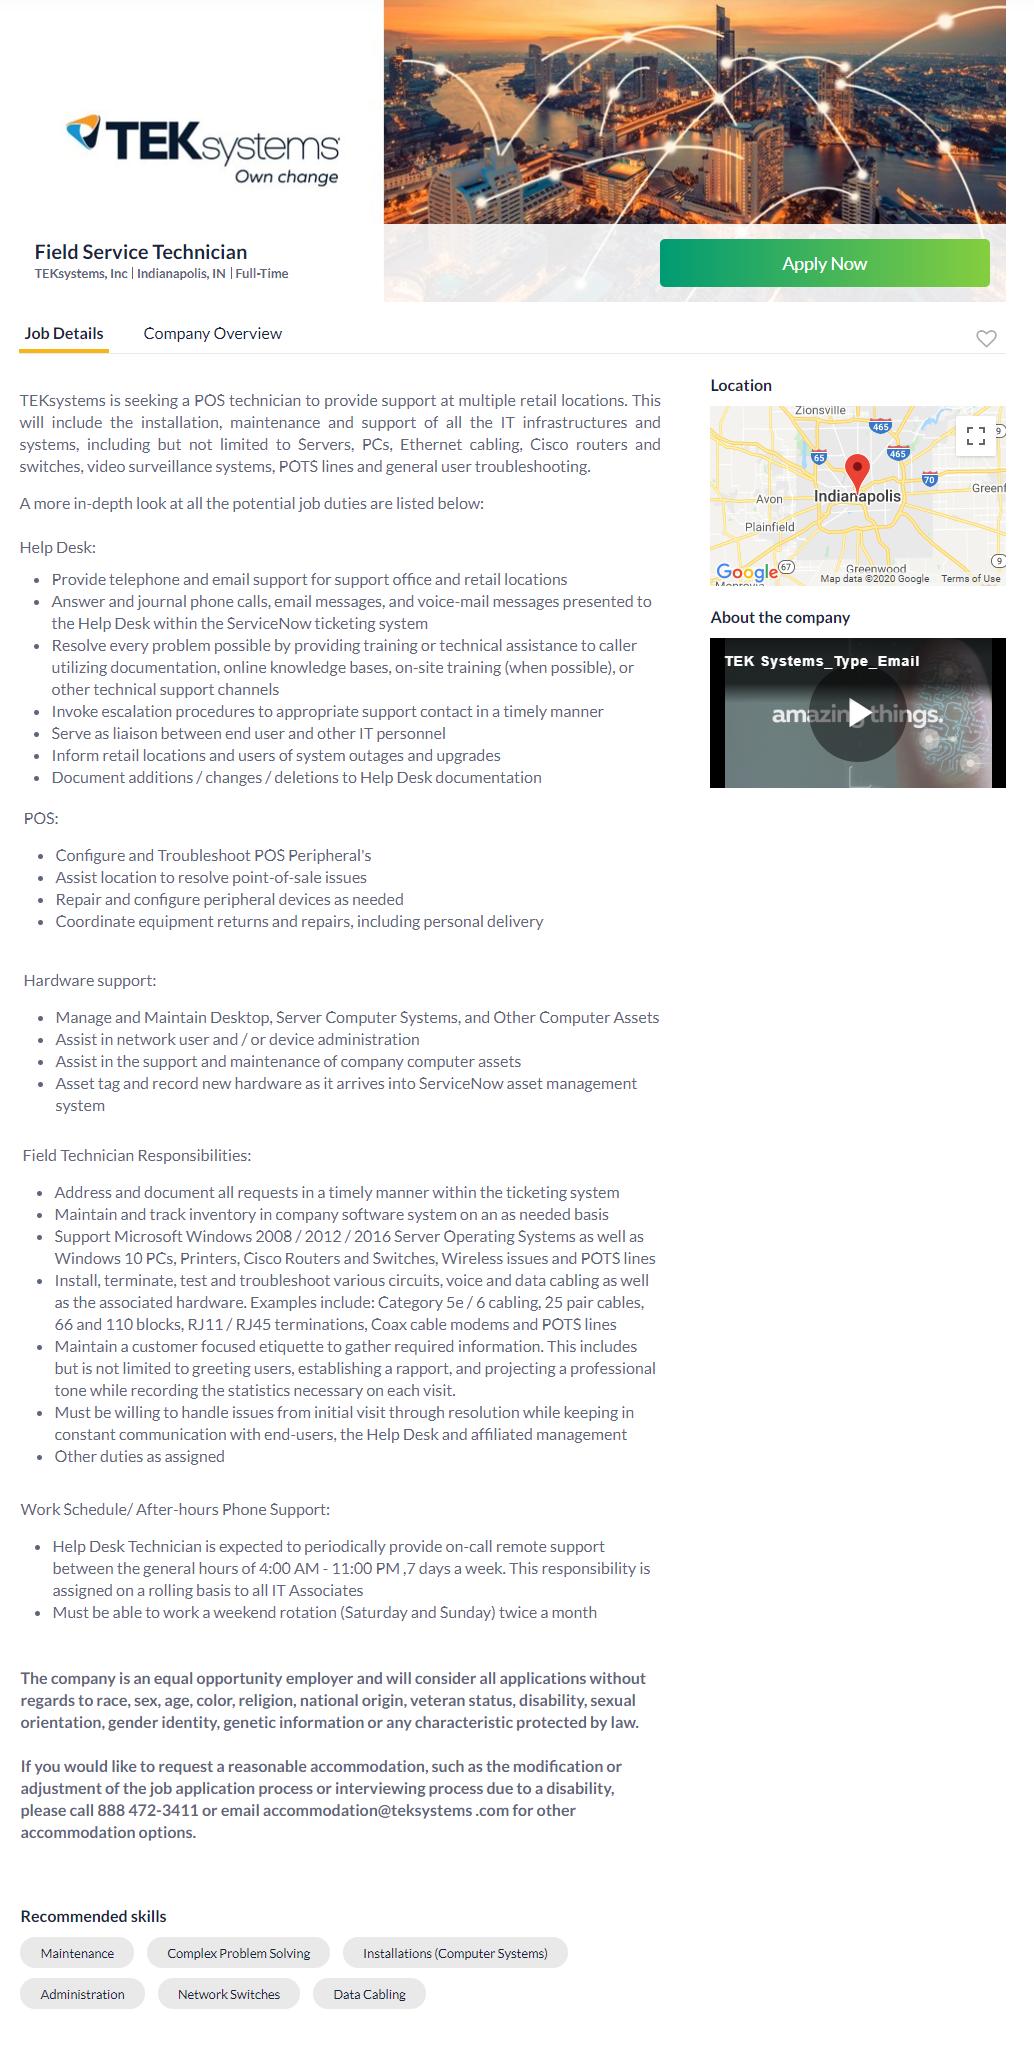 Careerbuilder job search site job posting